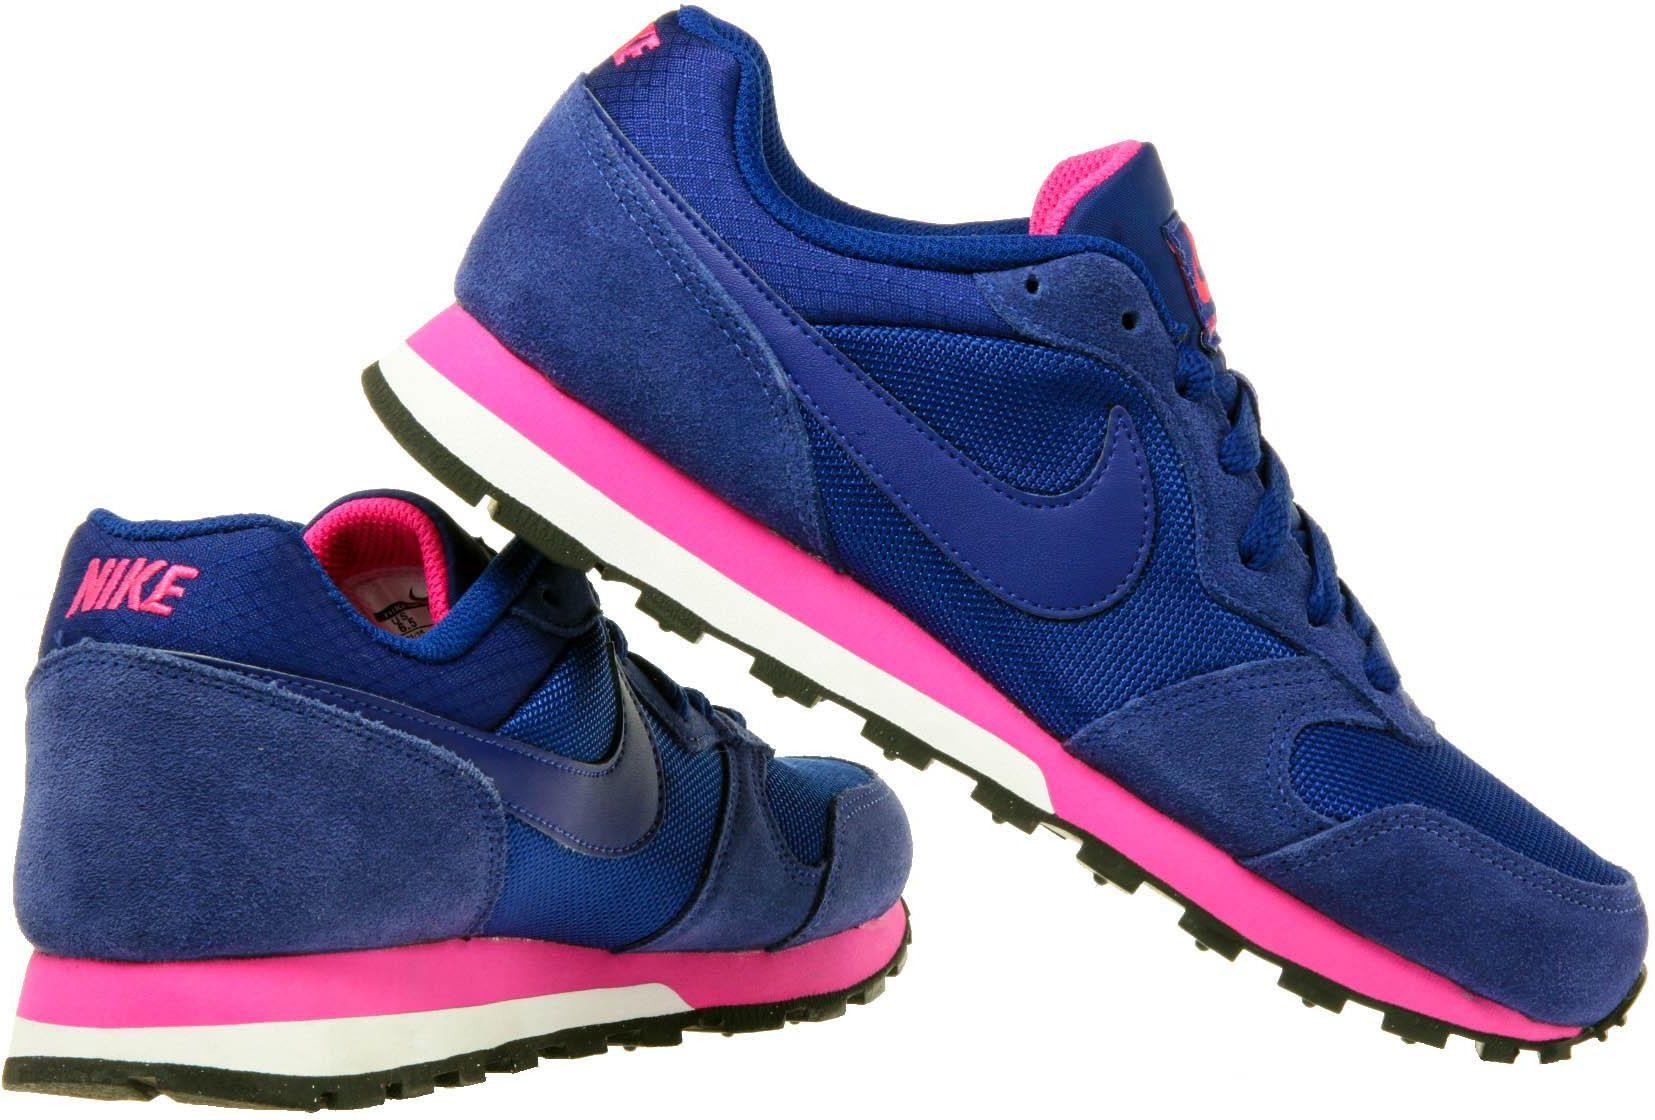 new style 09830 caa3c Buty Damskie Nike MD Runner 2 749869 446 roz. 38.5 - zdjęcie 1